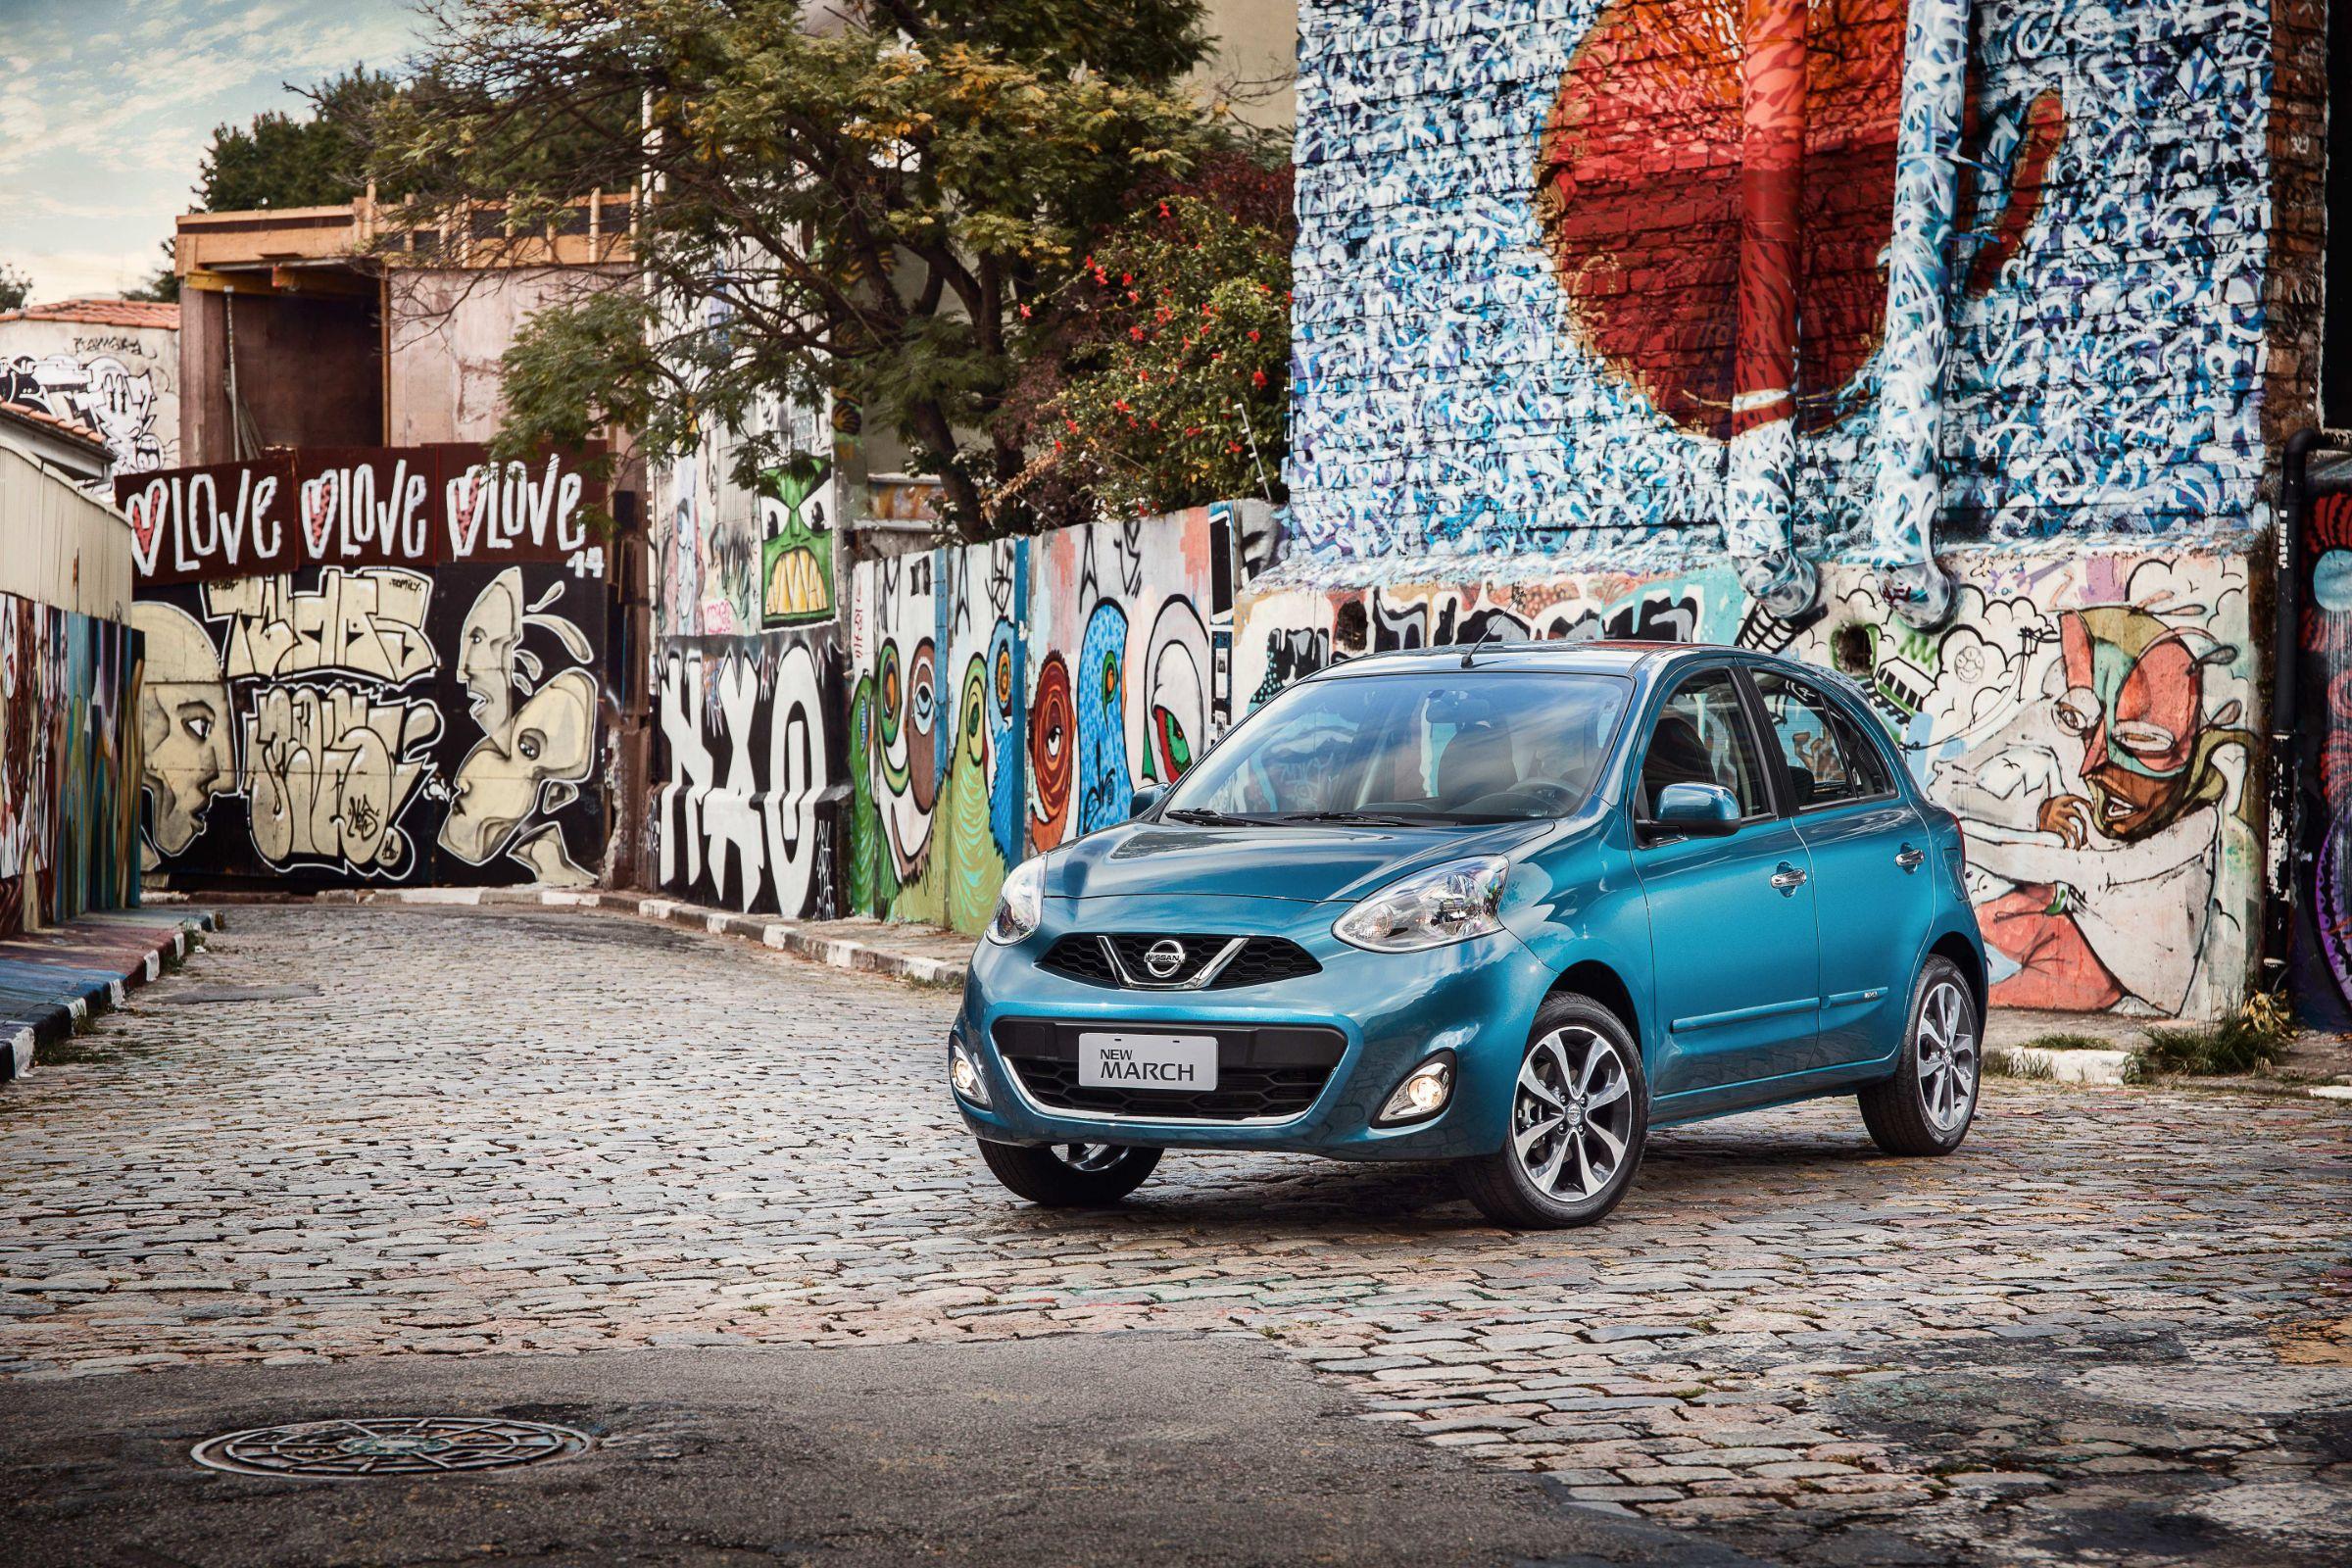 nissan_new_march_sv_1-0 Você conhece os carros automáticos mais baratos?Veja os top 10 dos melhores preços...